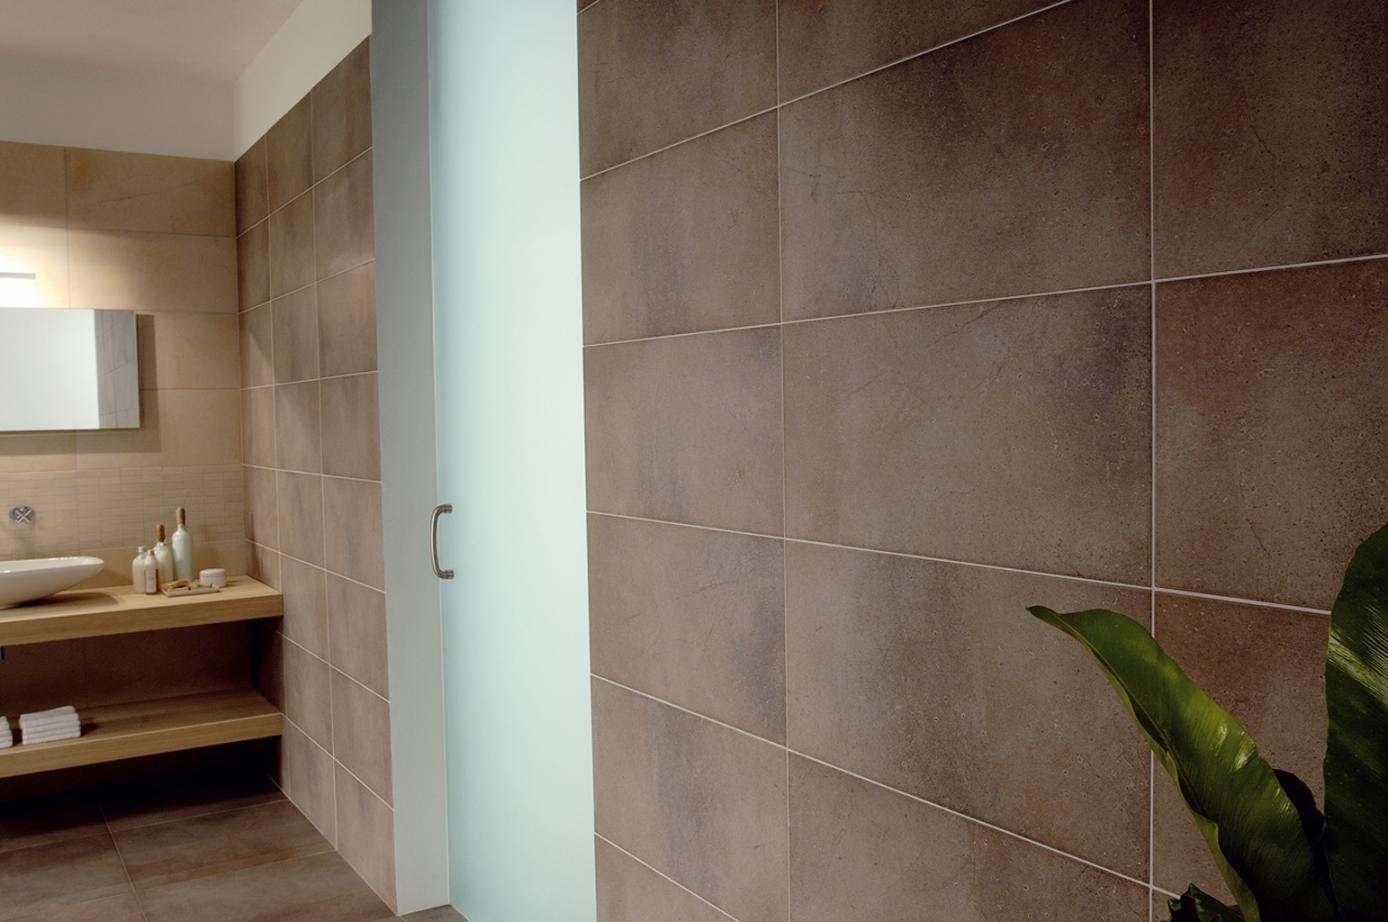 Piastrella da interno da parete per pavimento in gres